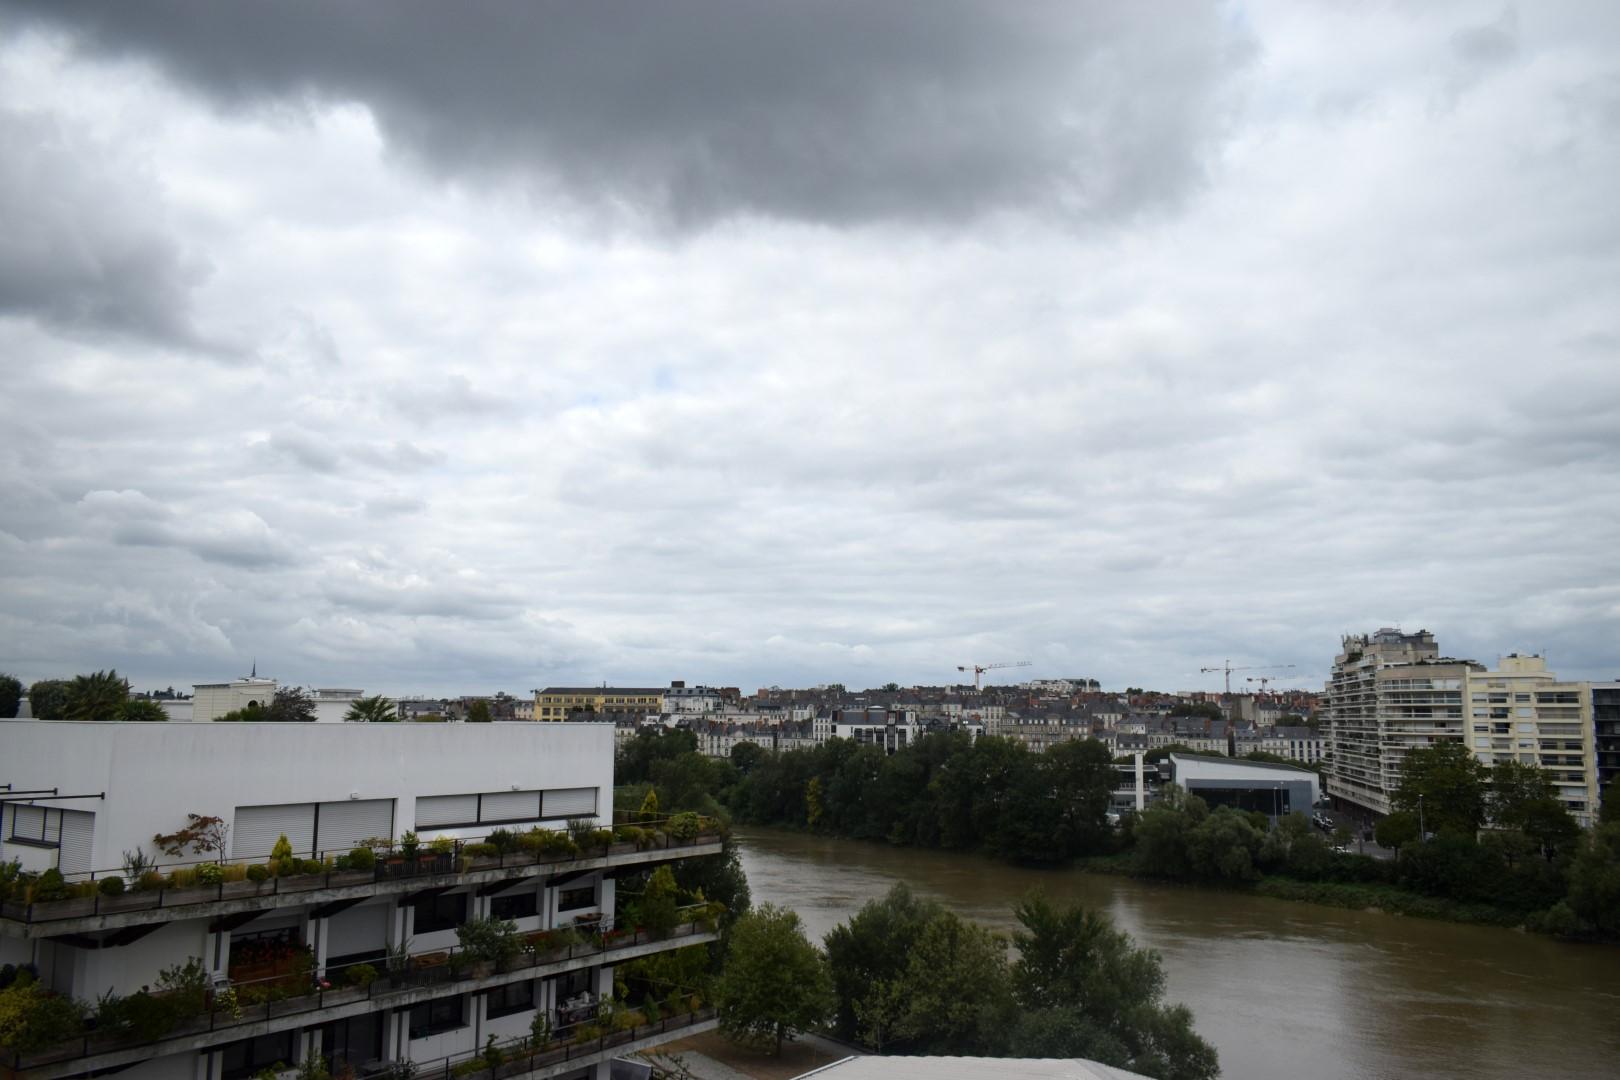 École nationale supérieure d'architecture de Nantes, 6 Quai François Mitterrand, Nantes